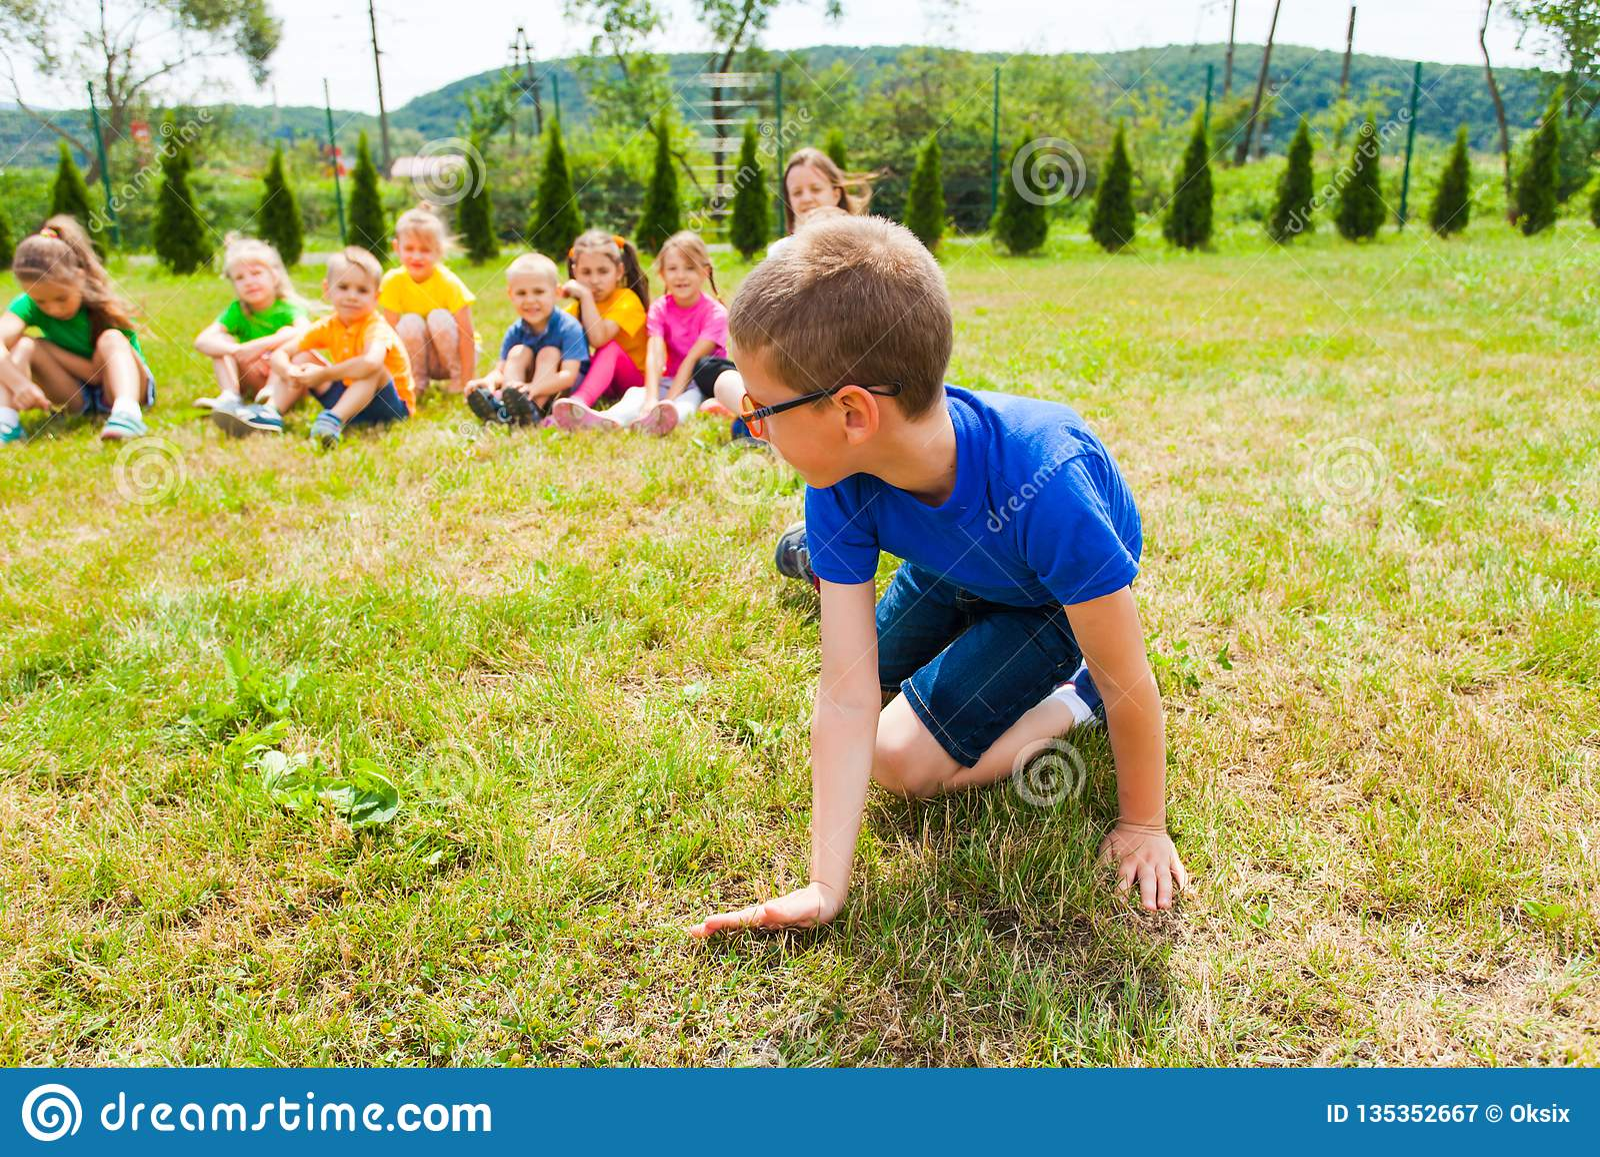 Nahe Ansicht des Jungen stehend auf seinen Knien, Gruppe Kinder hinter ihm